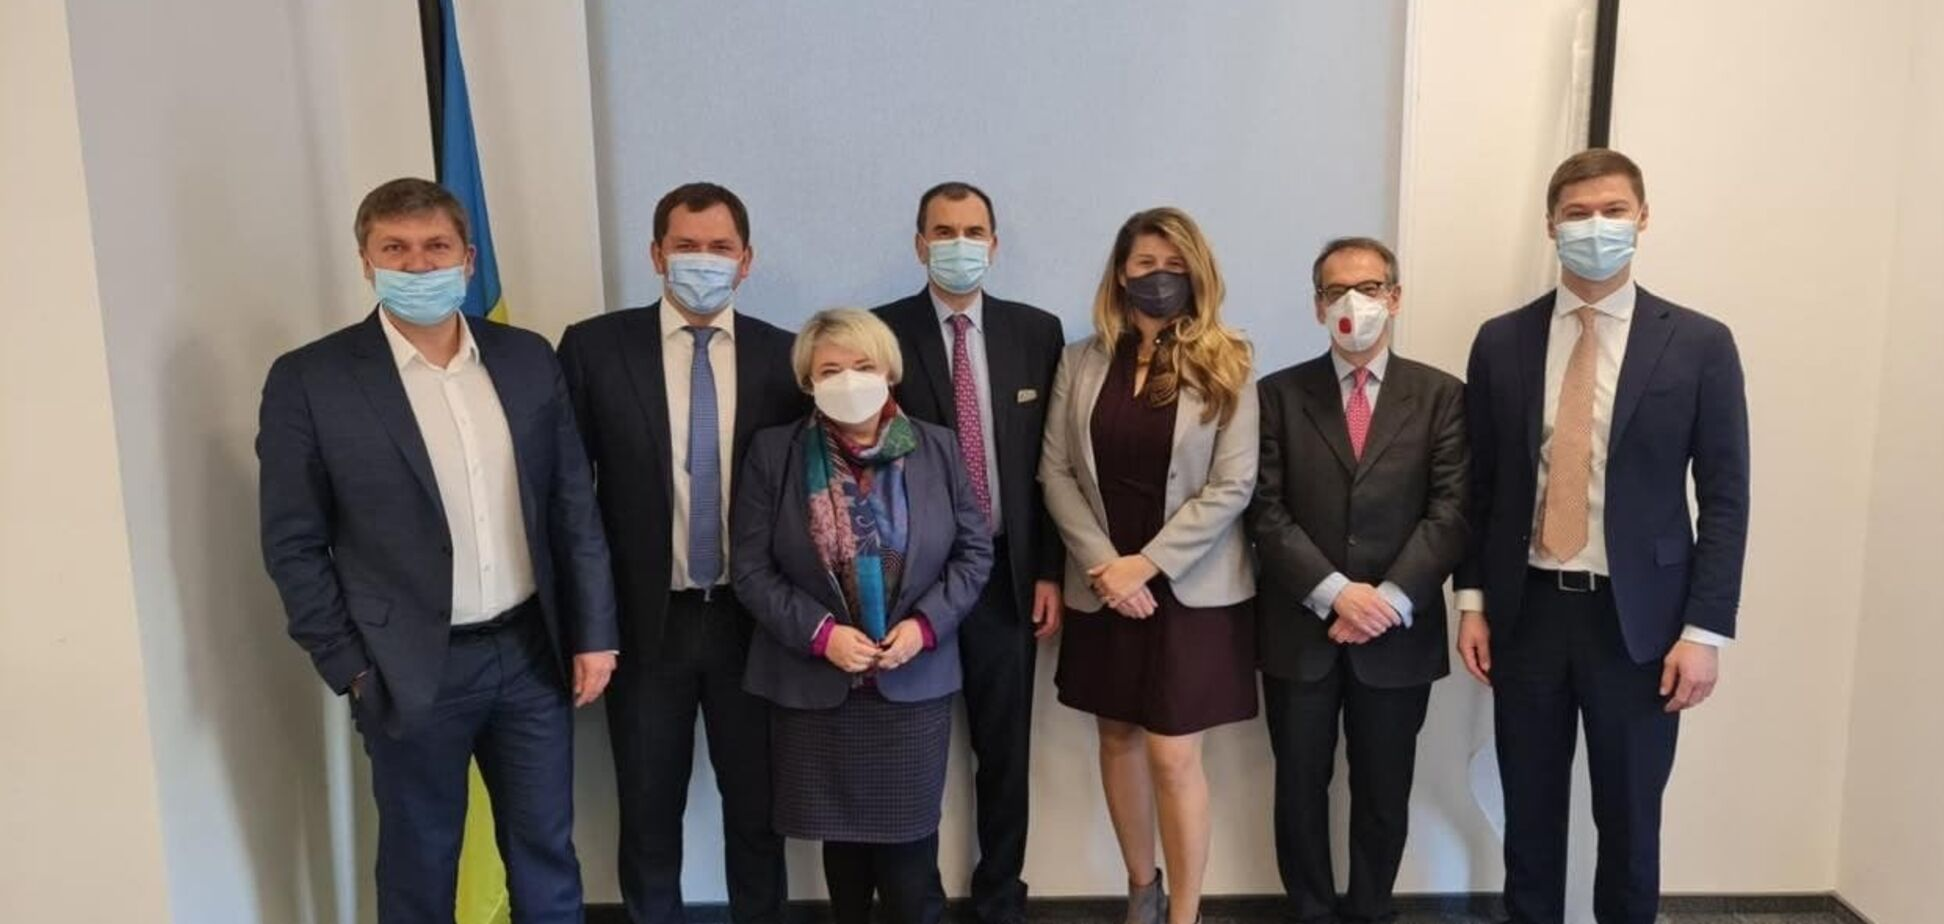 Компанія 'Датагруп'  купує провідного українського провайдера компанію 'Воля'